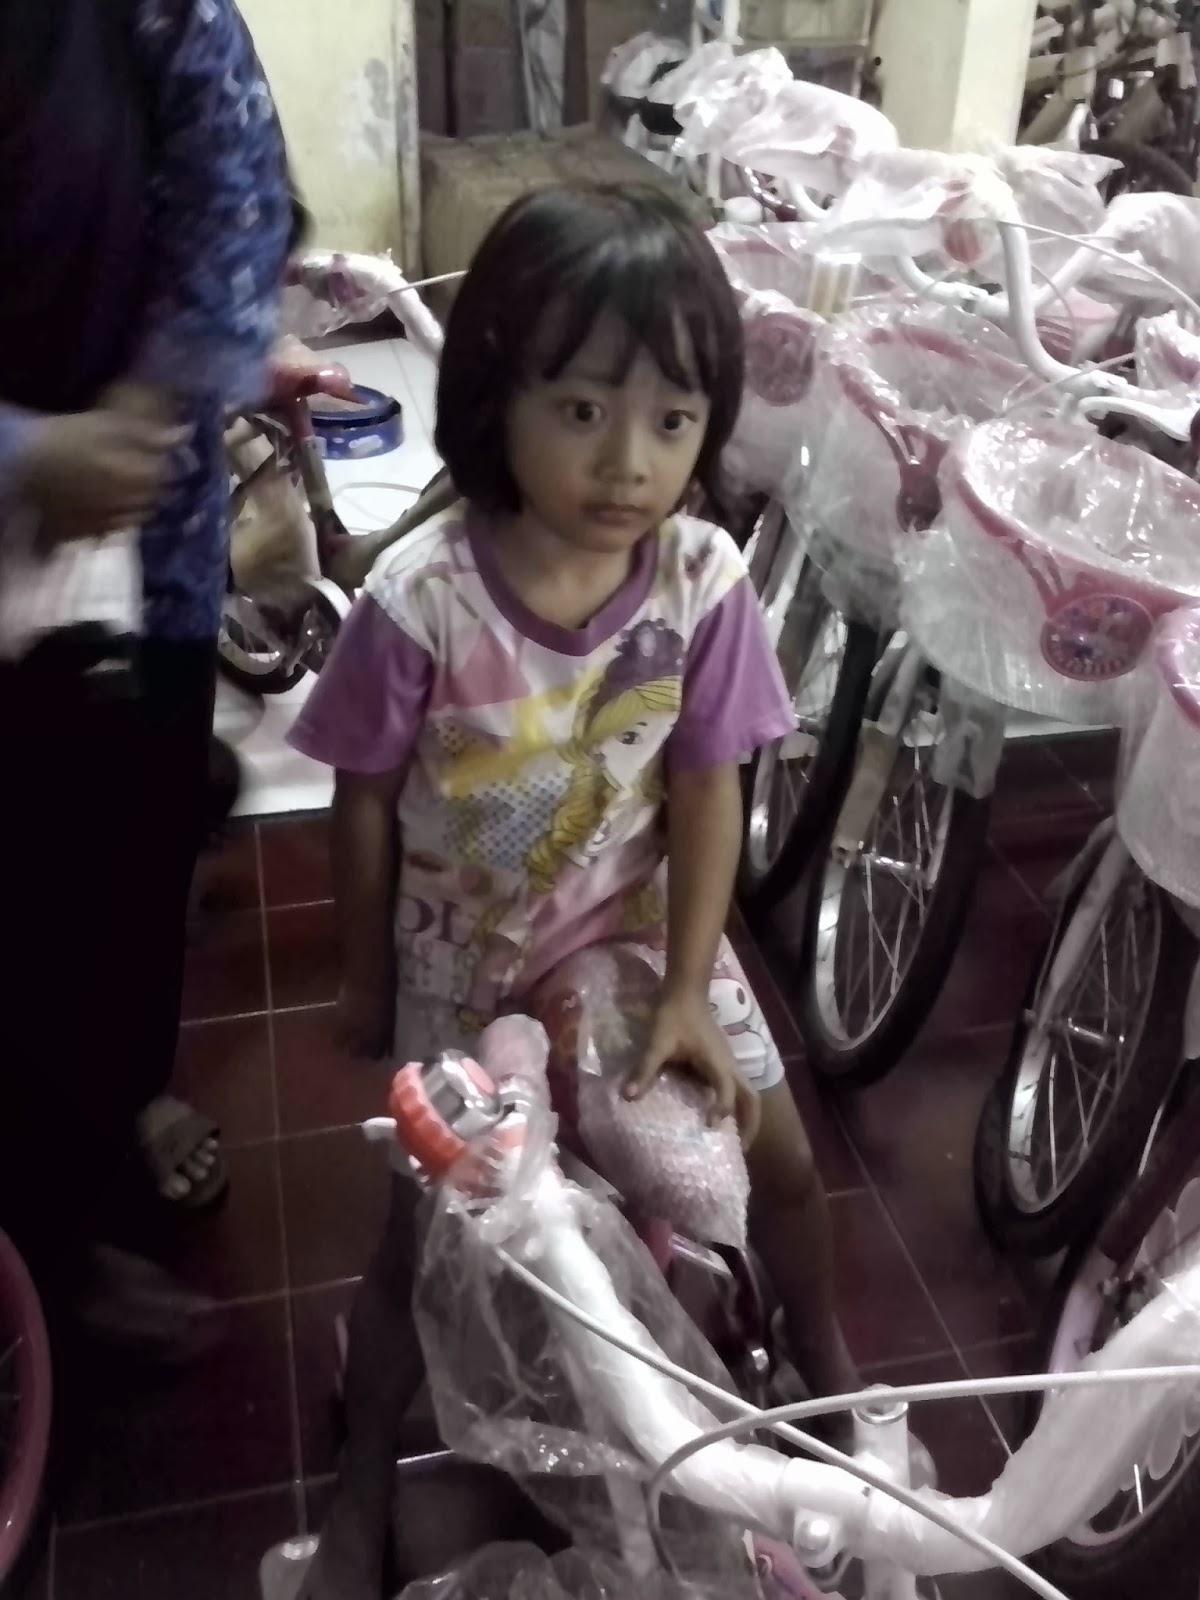 Anak saya, Keira sedang mencoba sepeda